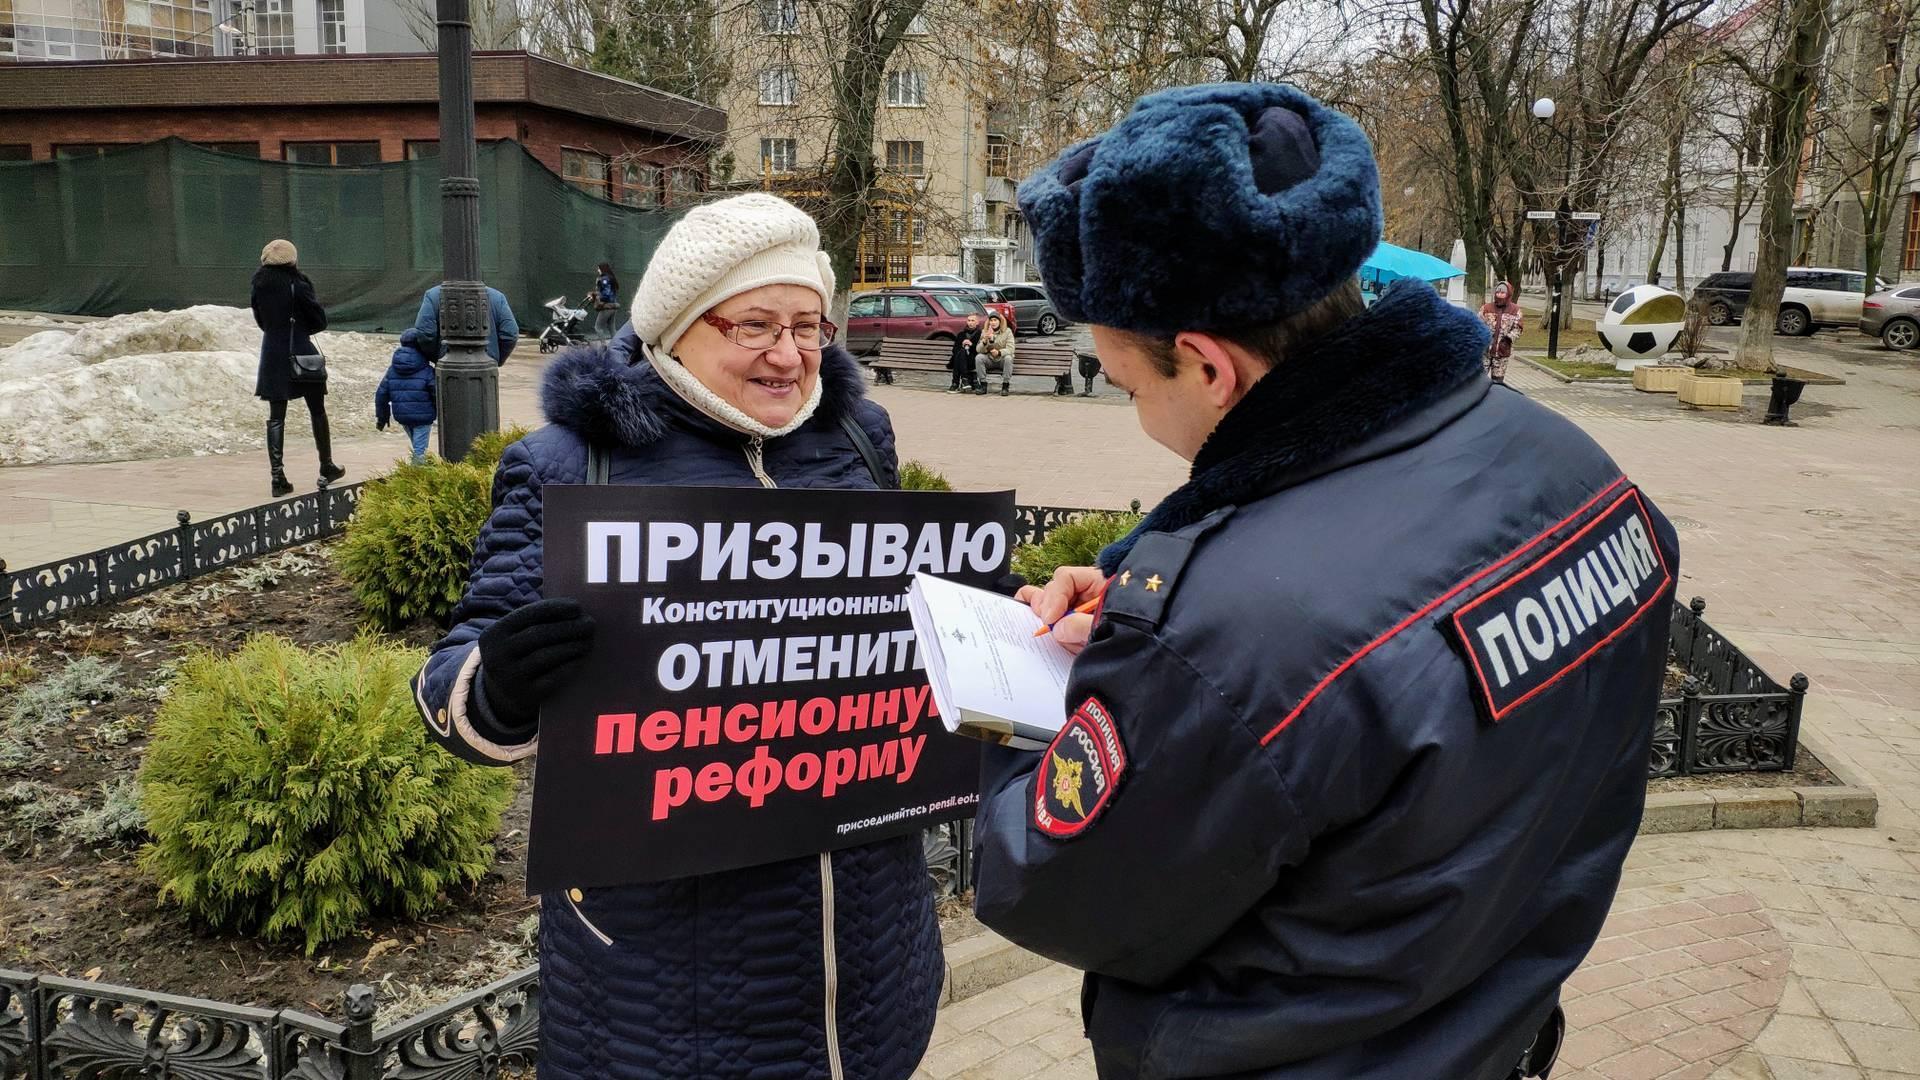 Пикет против пенсионной реформы. Ростов-на-Дону